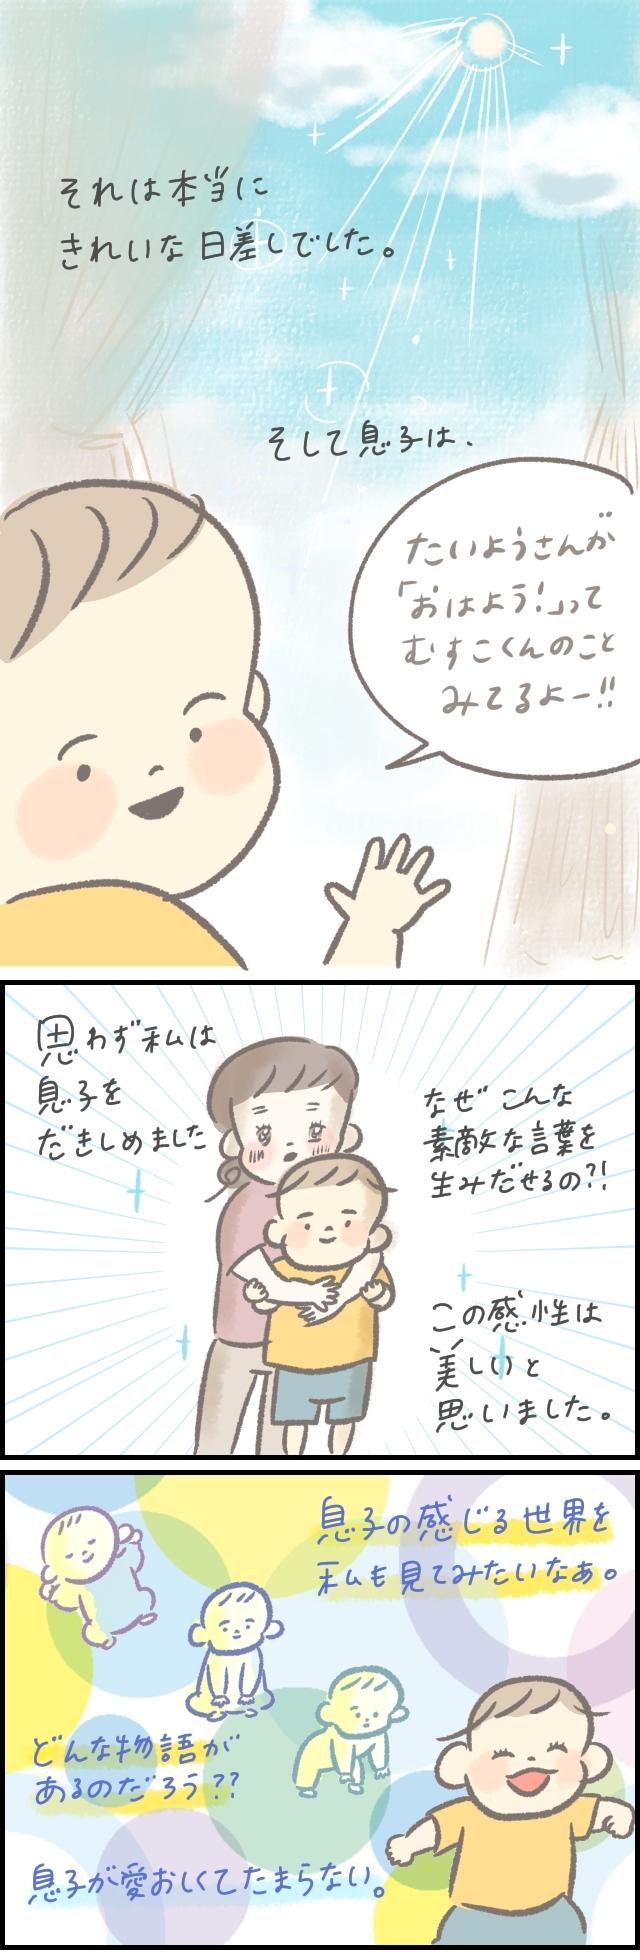 子どもから見た世界!息子のキラキラした言葉にキュンときた話の画像3